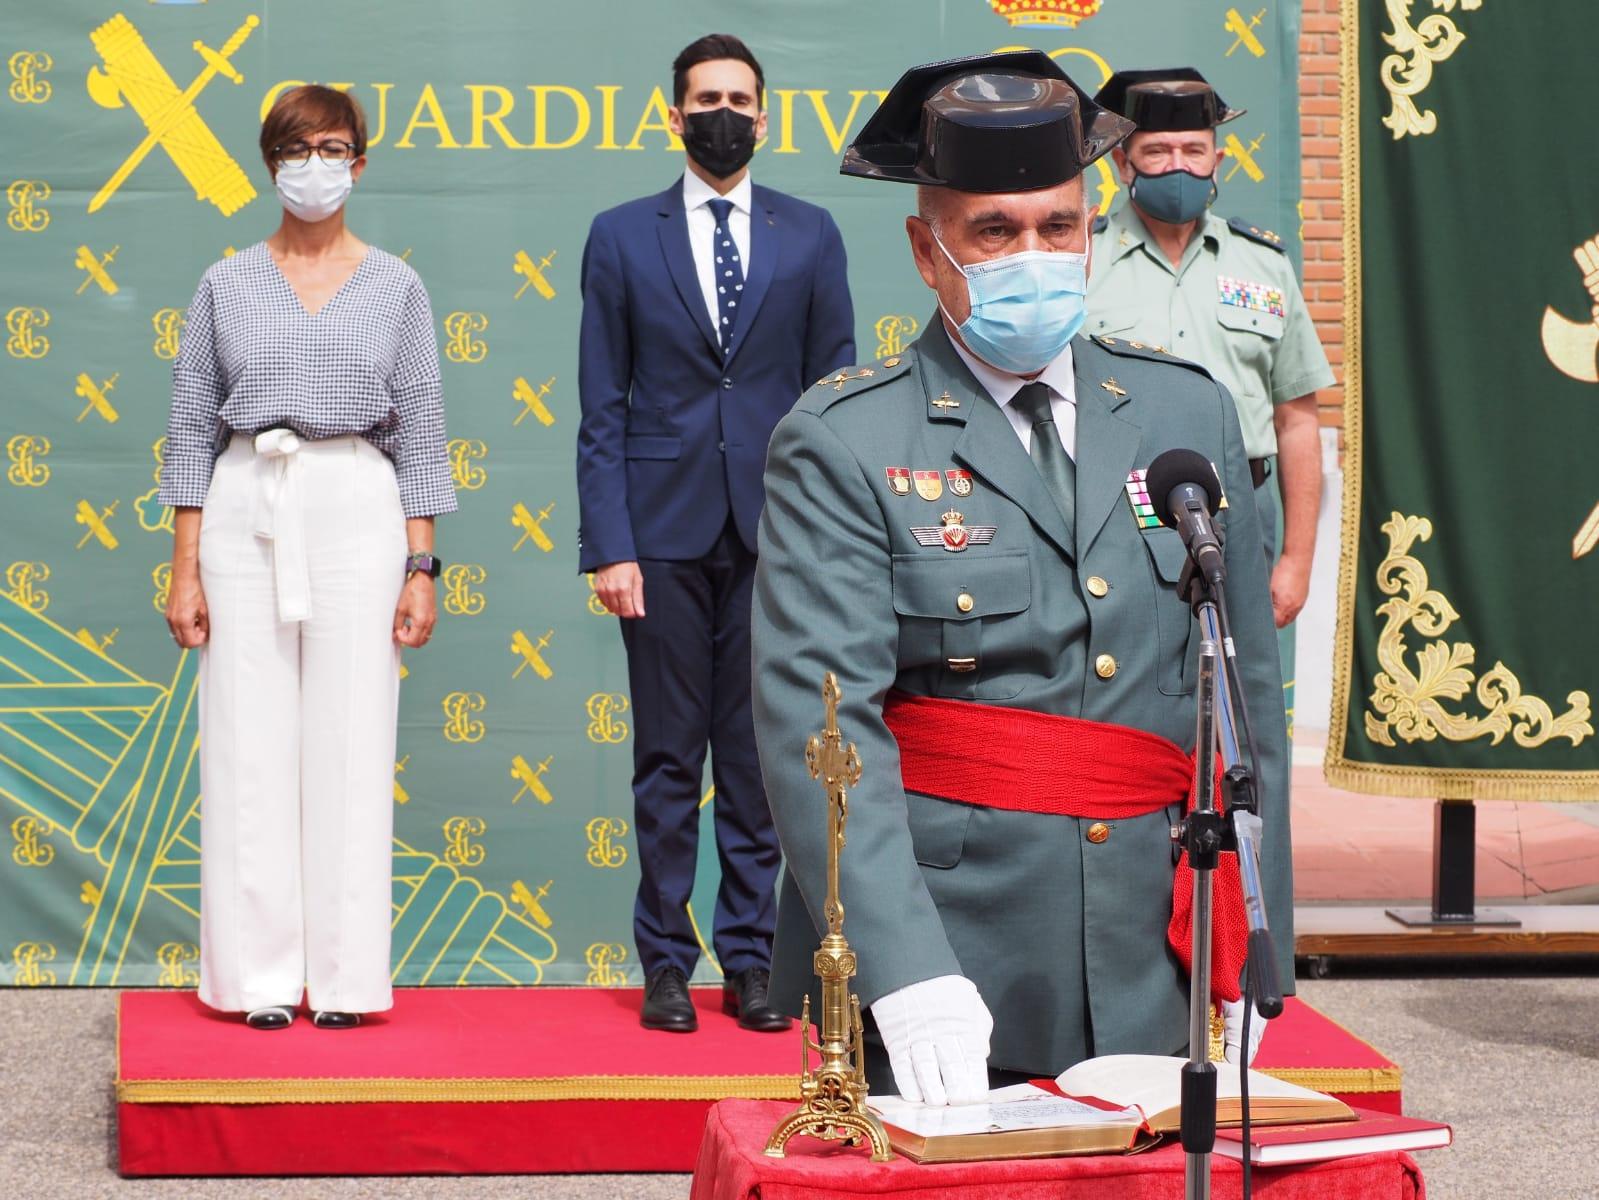 El secretario de Estado de Seguridad preside la toma de posesión del nuevo jefe de la Zona de la Guardia Civil en Castilla y León